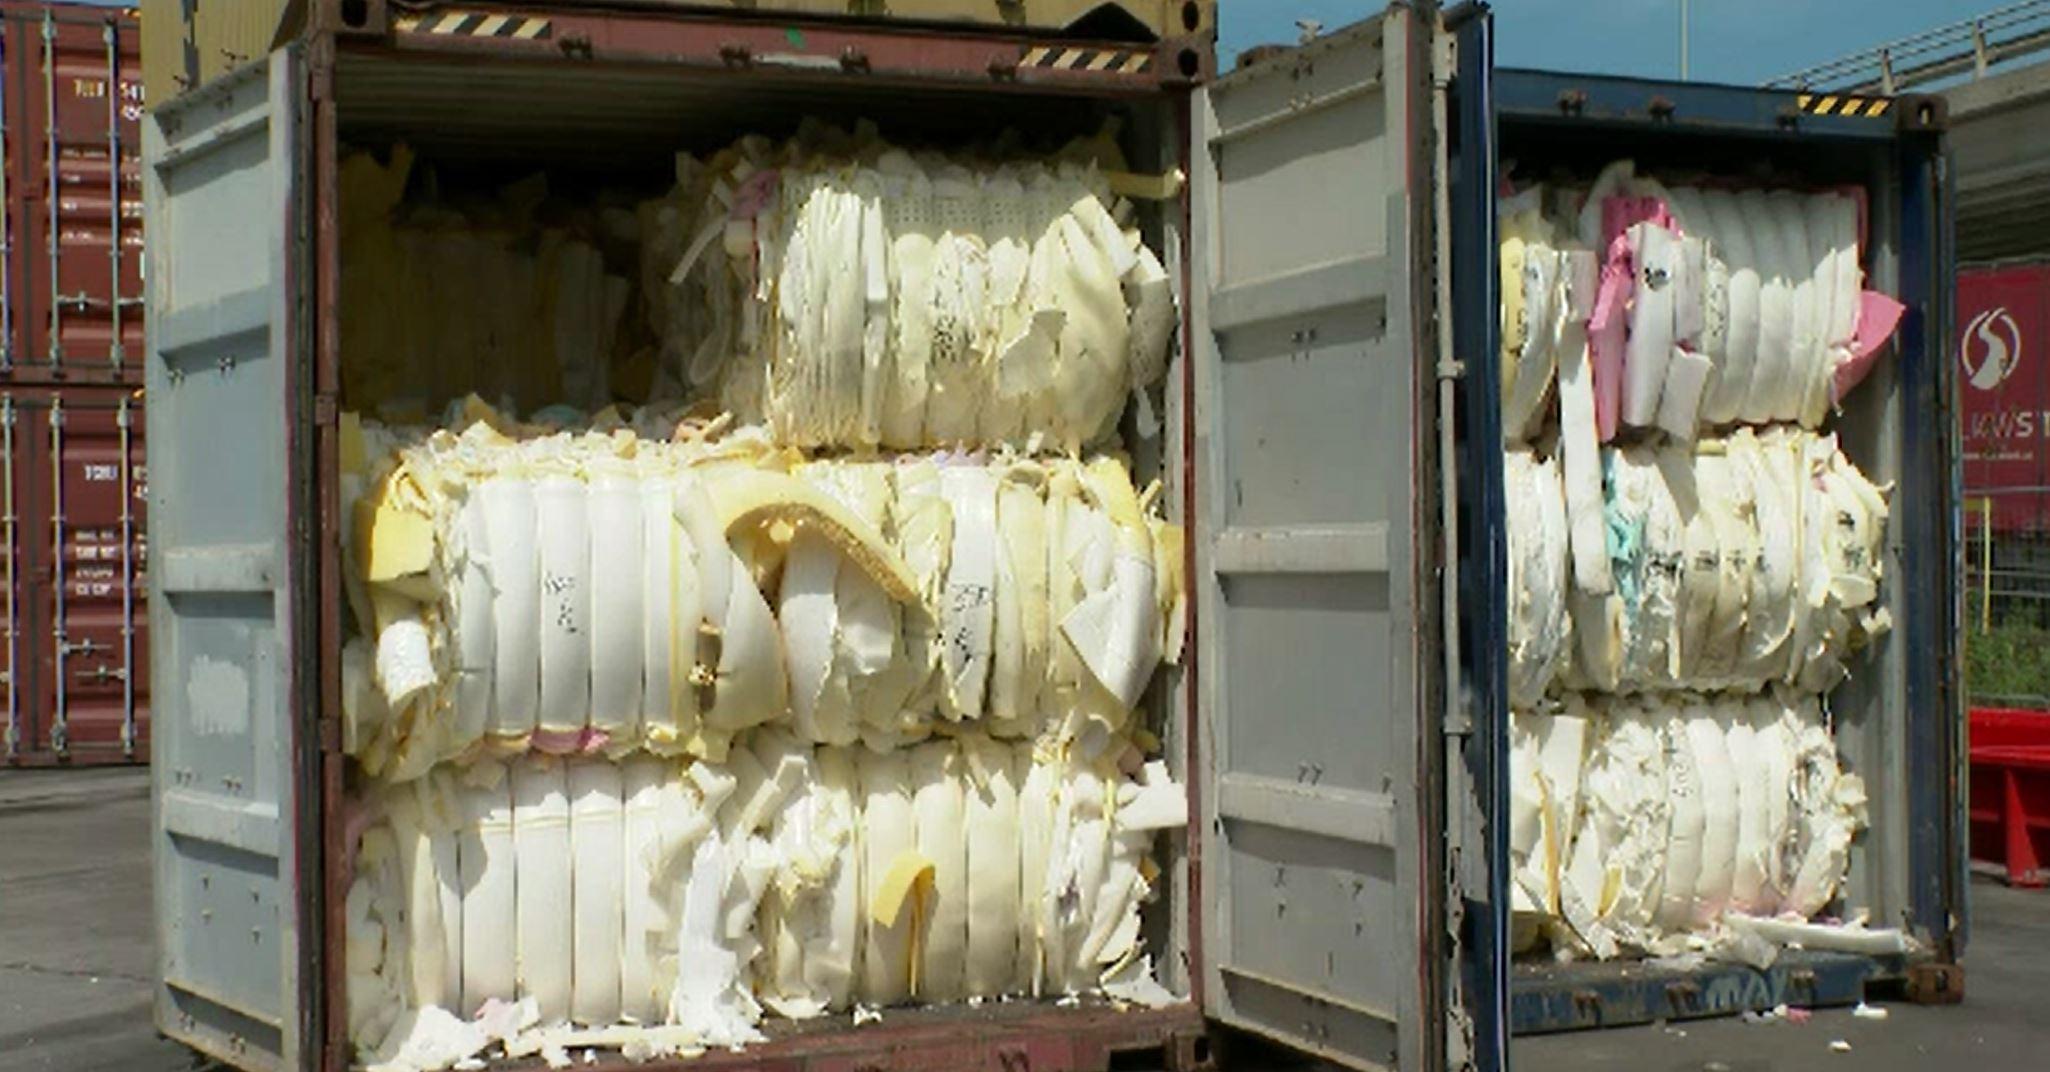 Două containere cu deșeuri exportate ilegal, descoperite la Constanța